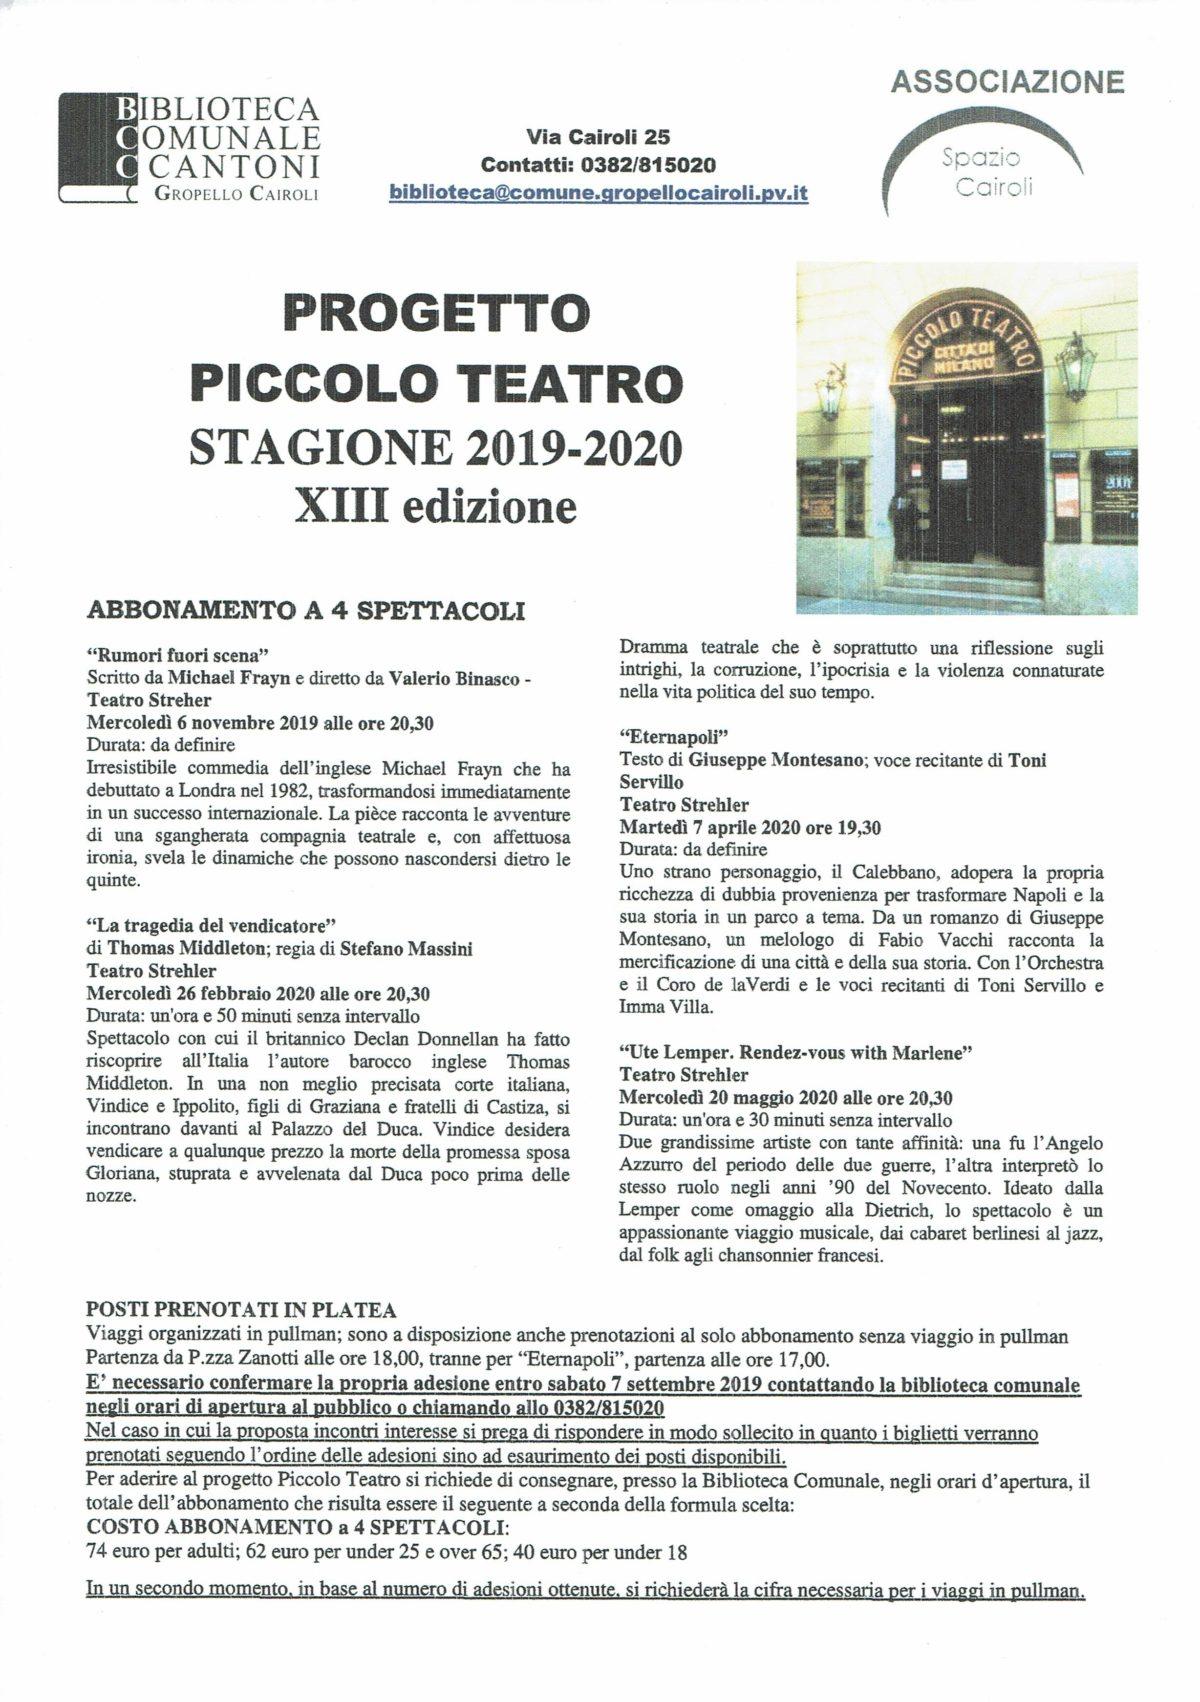 Progetto Piccolo Teatro XIII edizione